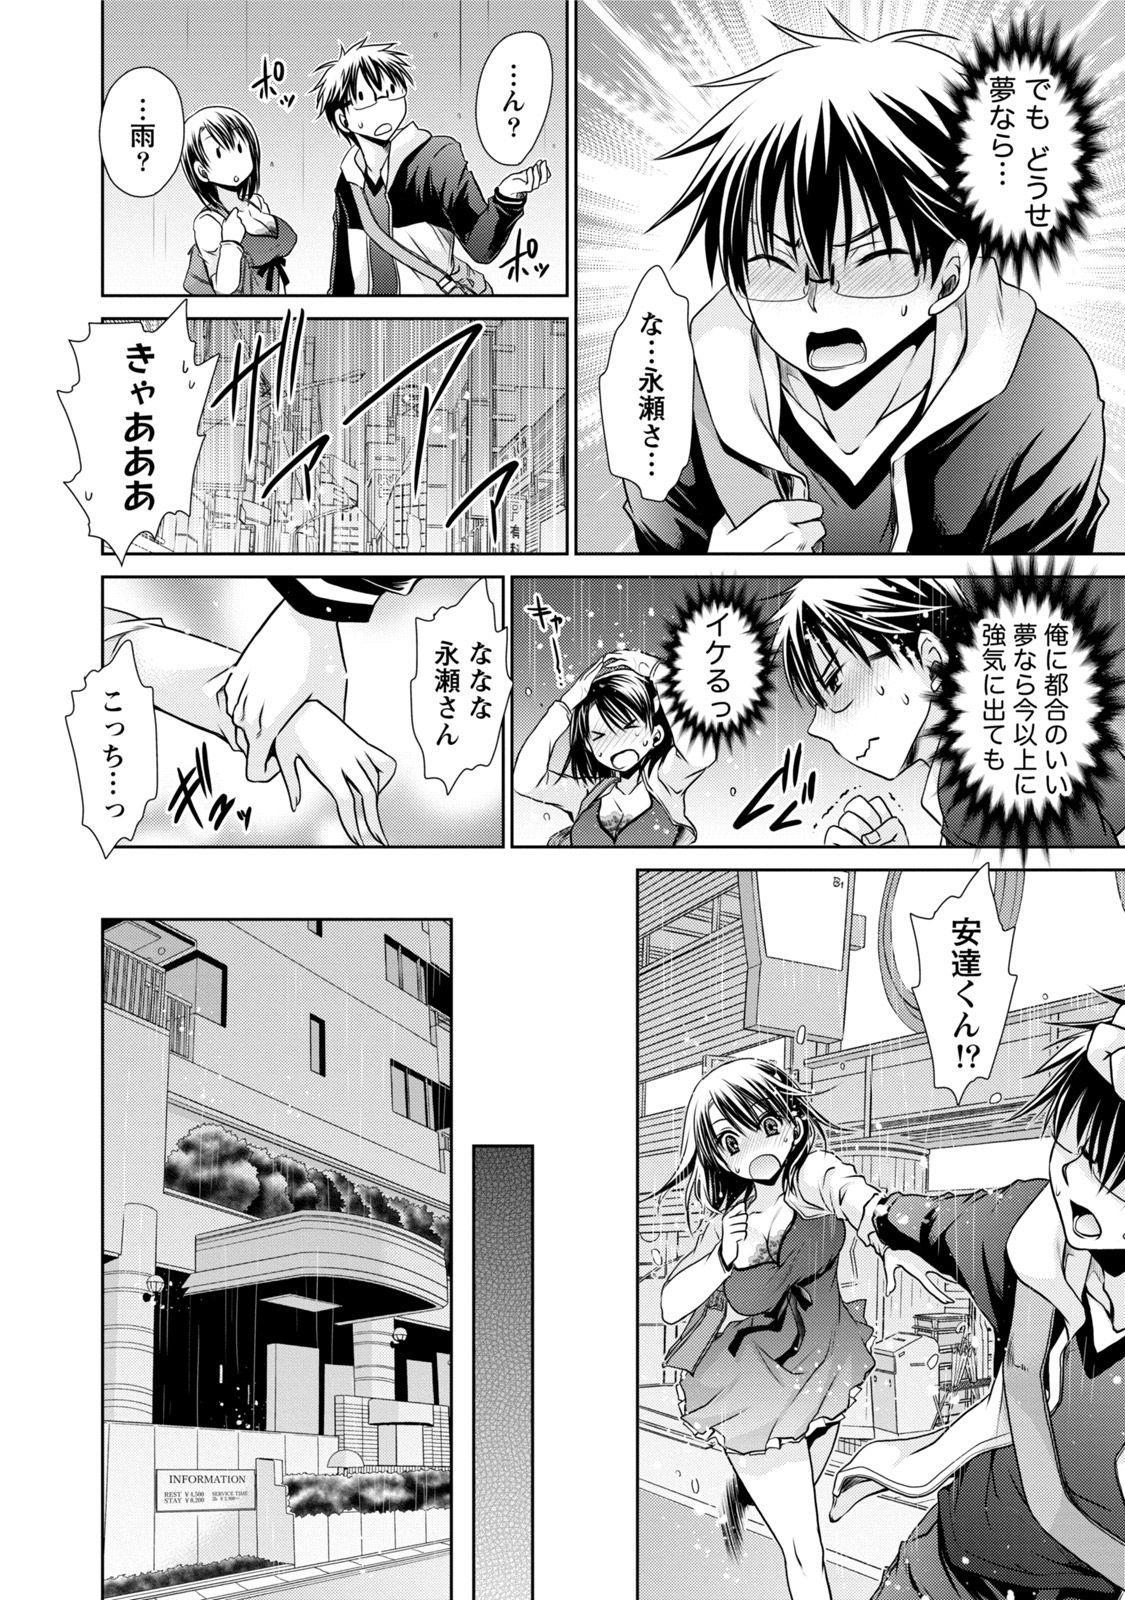 Ore to Kanojo to Owaru Sekai - World's end LoveStory 1 96